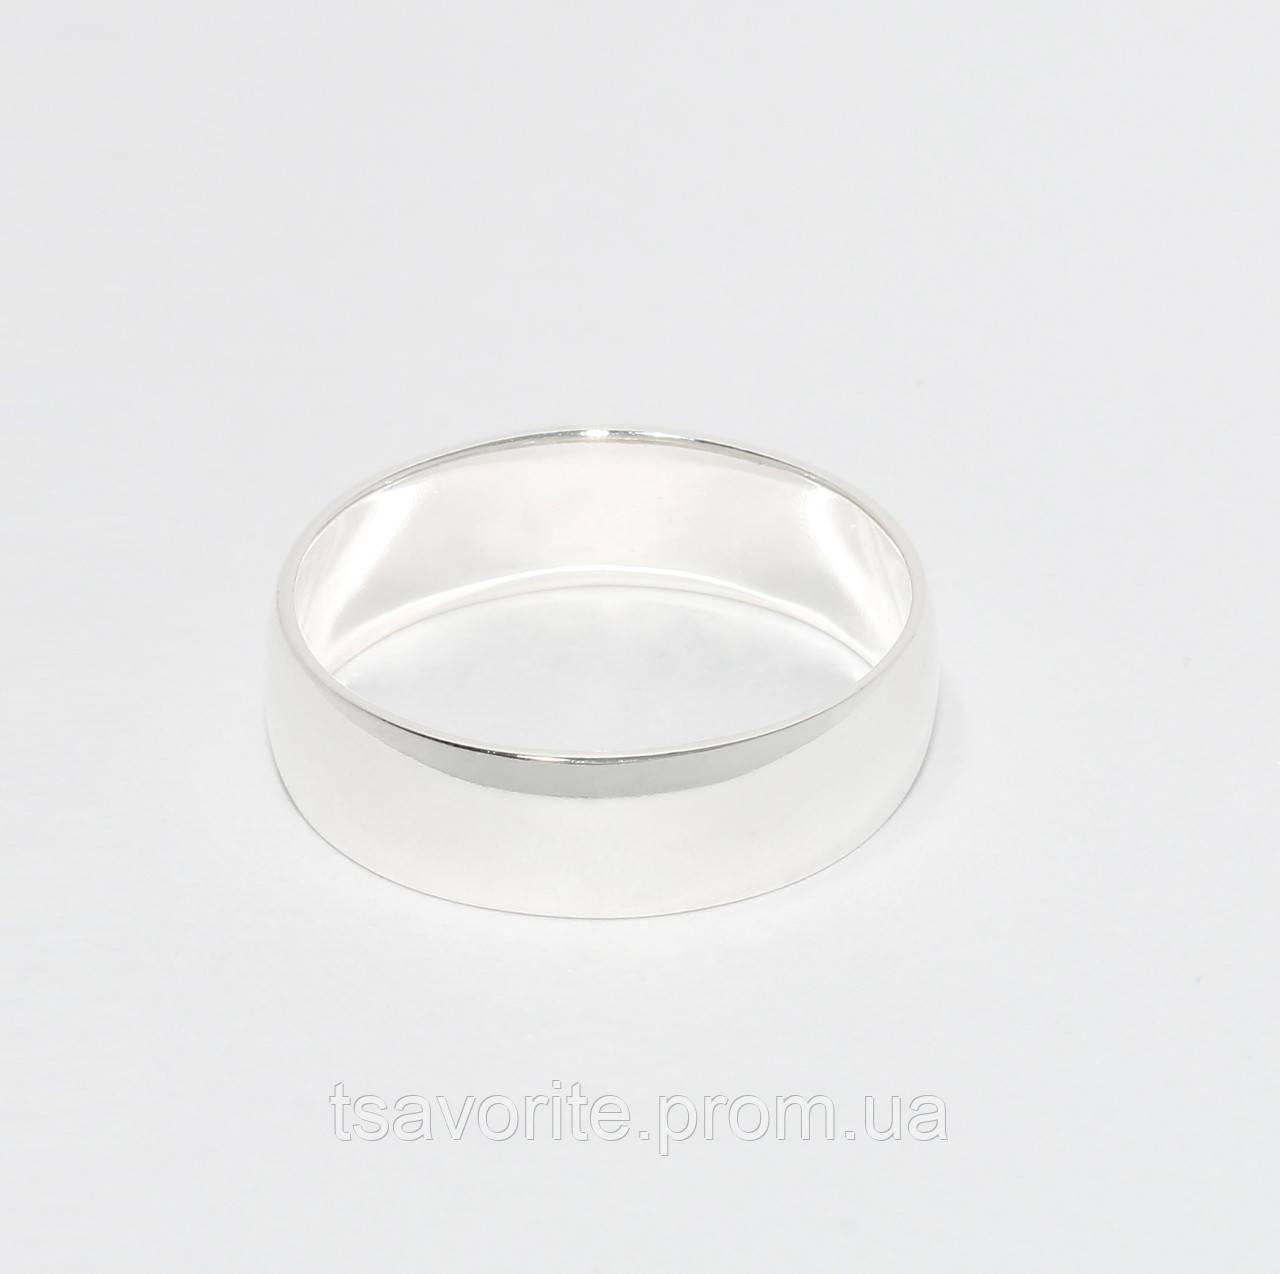 Серебряное обручальное кольцо 10201-Д